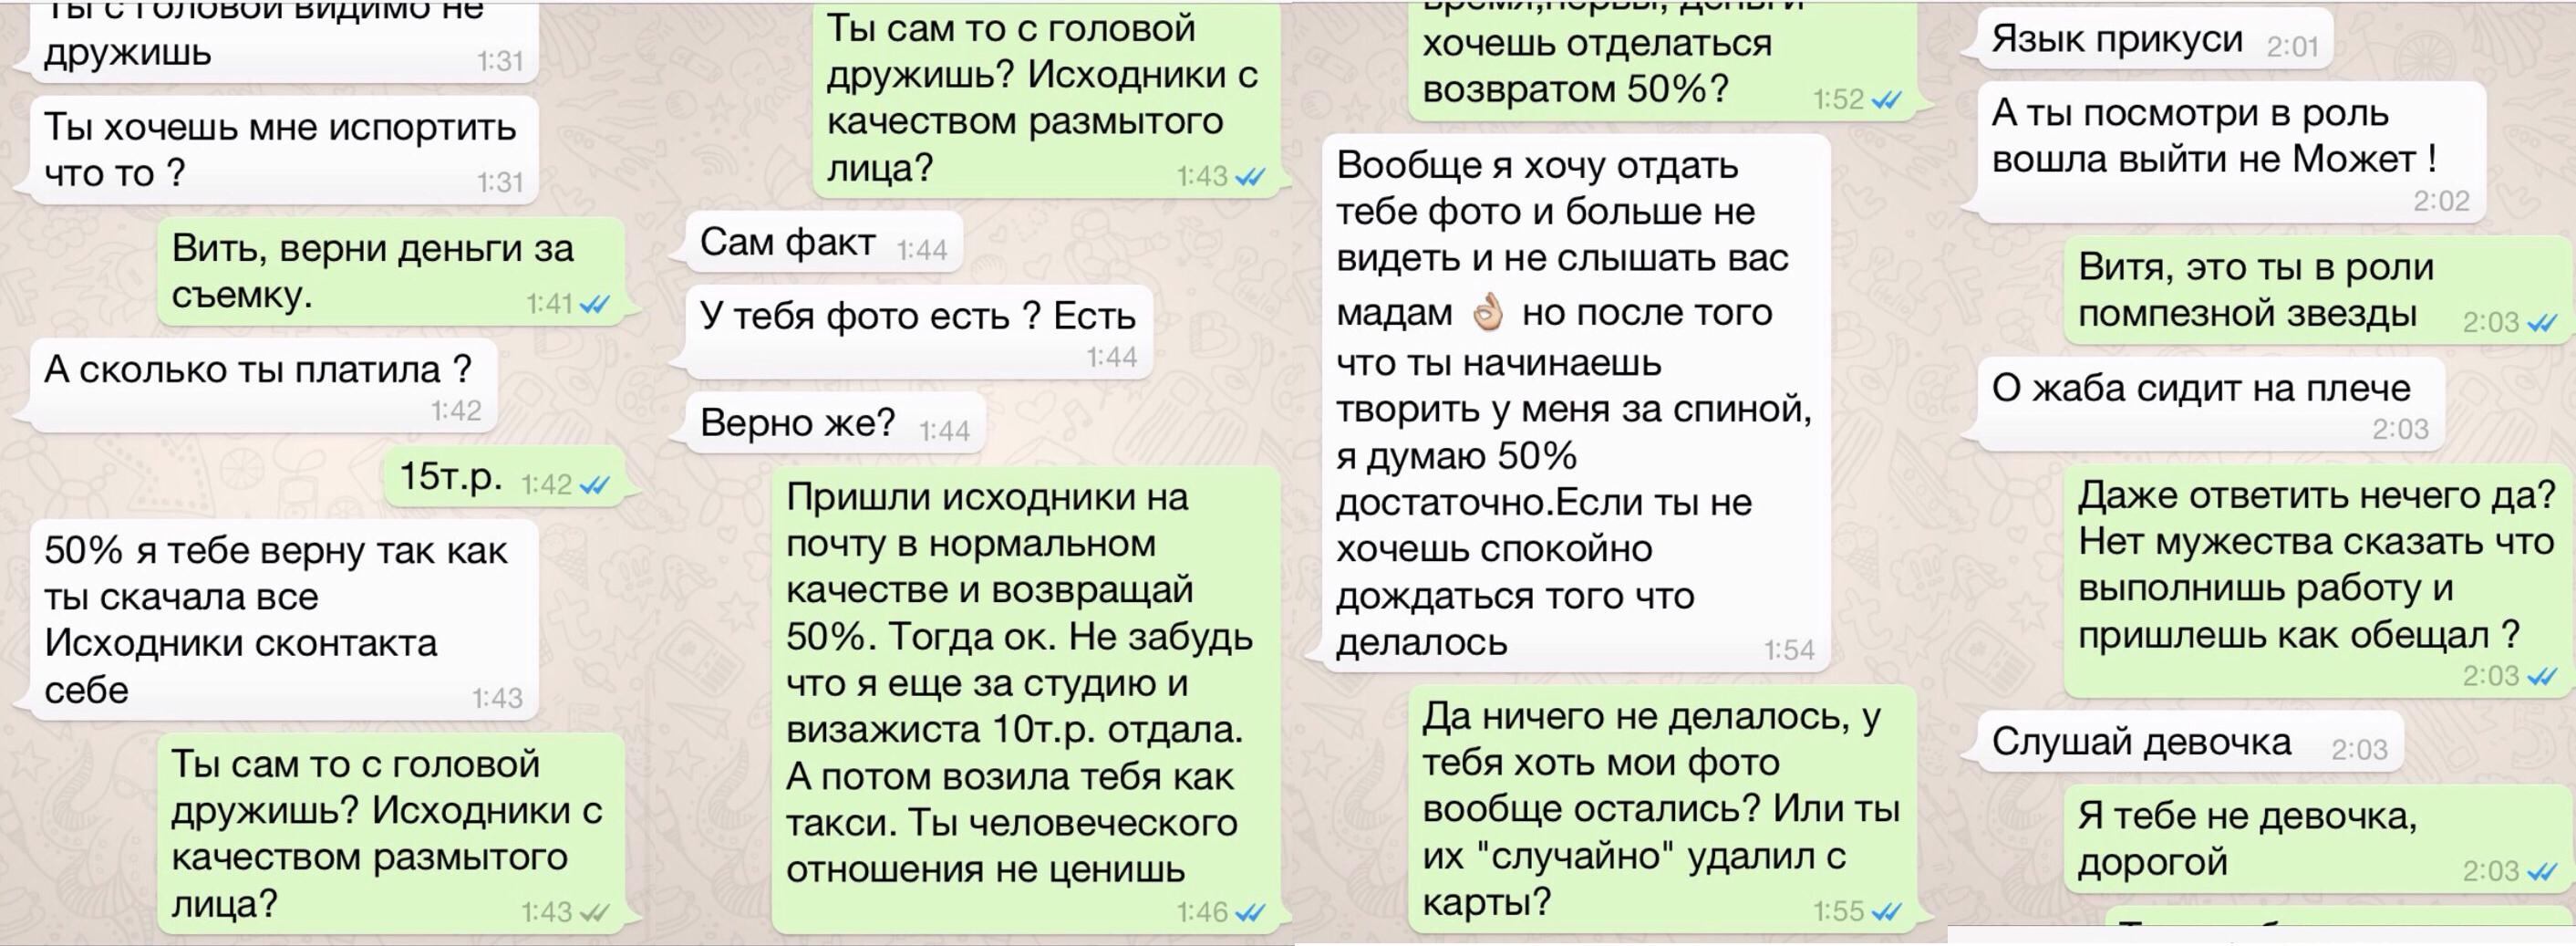 Переписка Виктора Данилова с одной из клиенток